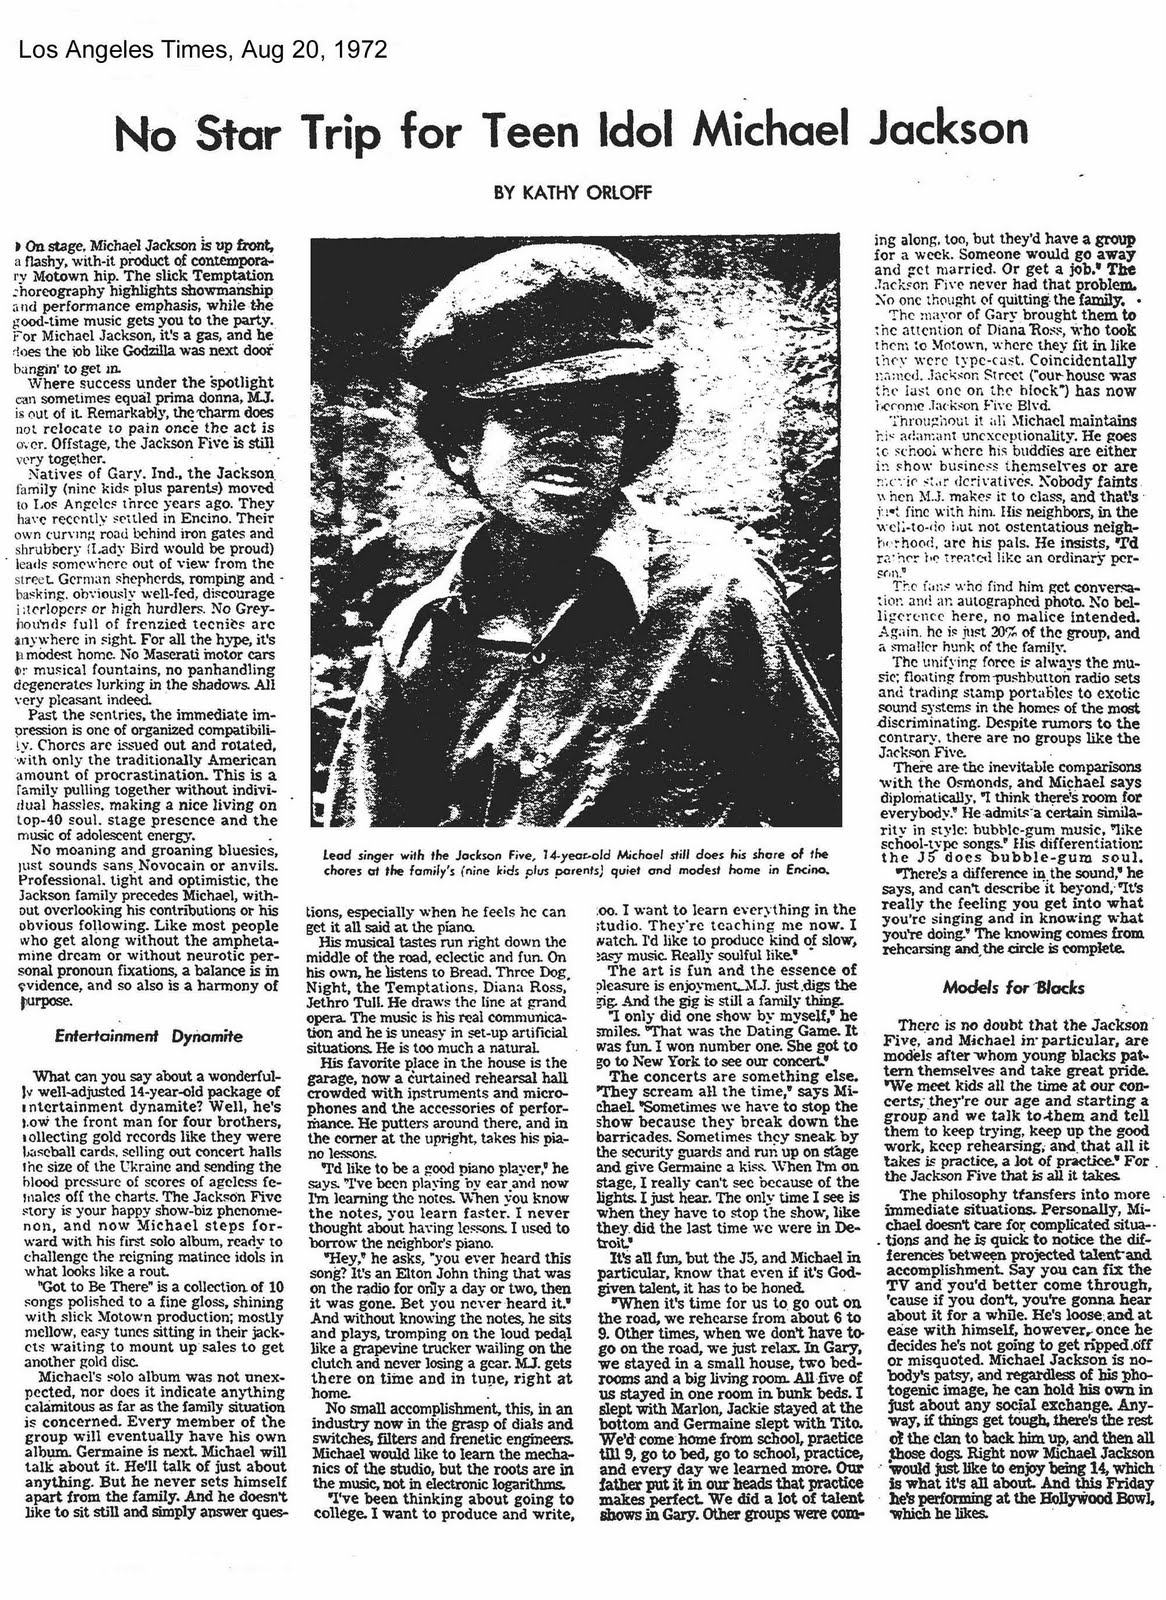 http://1.bp.blogspot.com/_ptF1HYX6svs/TCAkBs-otuI/AAAAAAAAAjs/c291l0d3FuY/s1600/1972+interview+with+Michael+LA+times.jpg